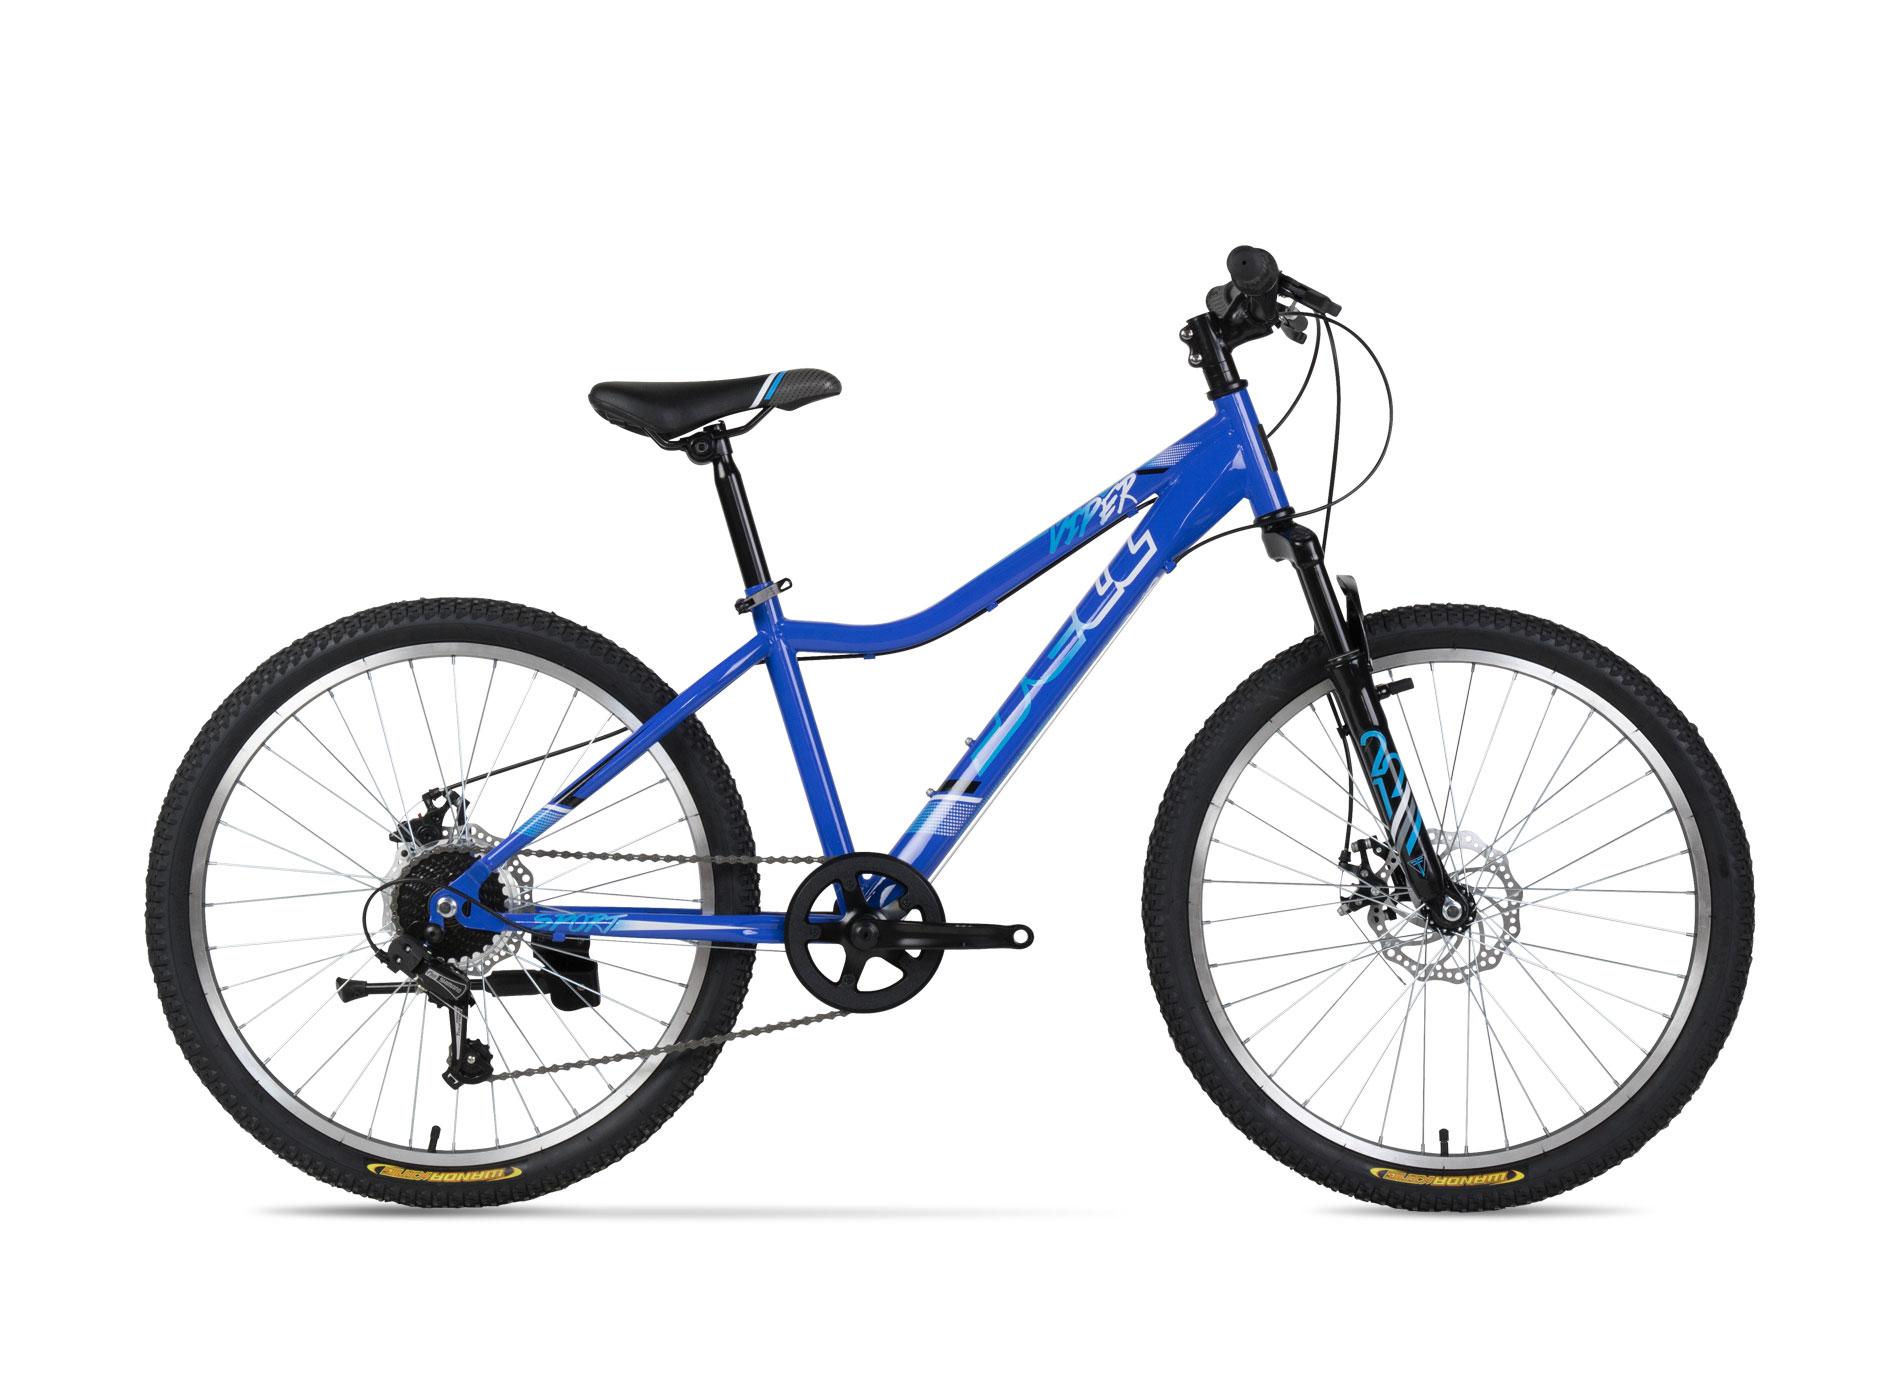 Xe đạp địa hình Jett Viper Sport 2017 xanh blue